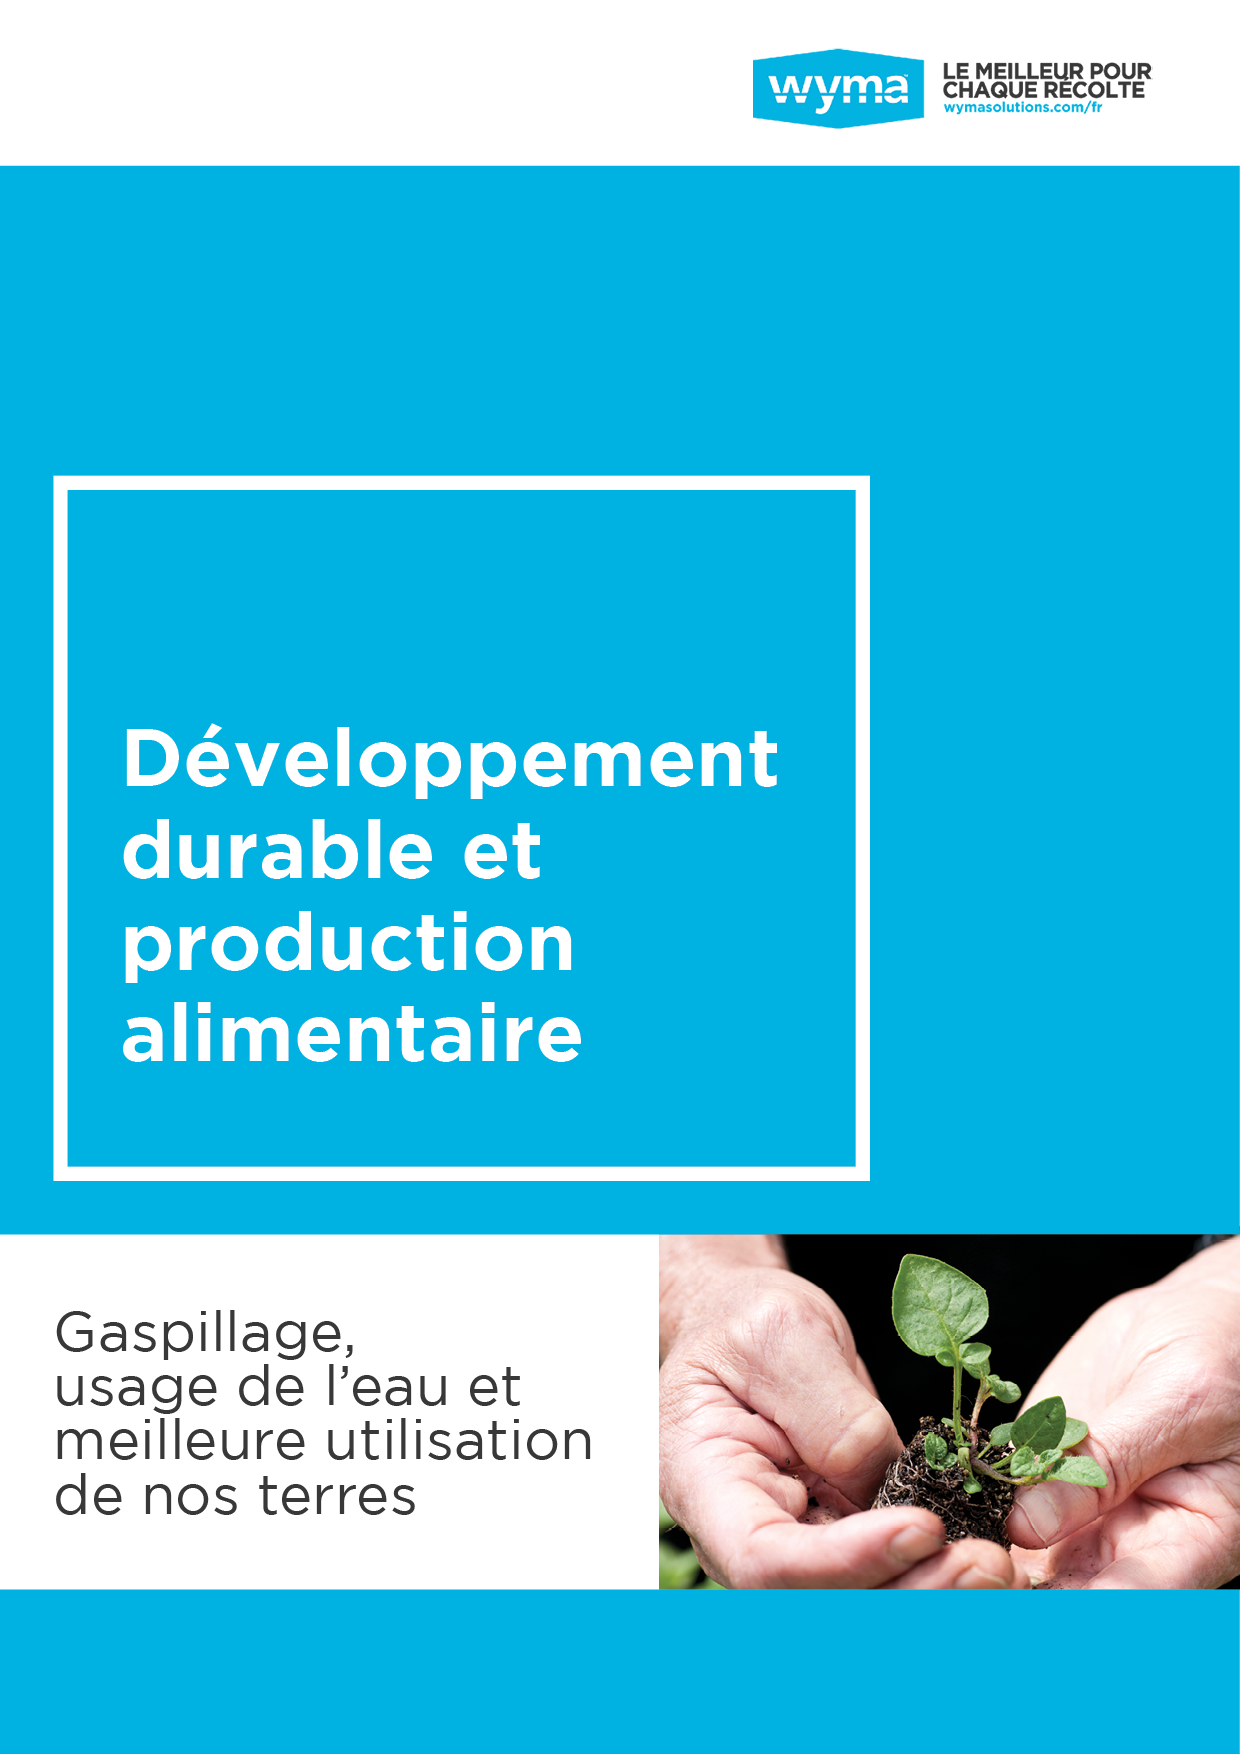 Développement durable et production alimentaire